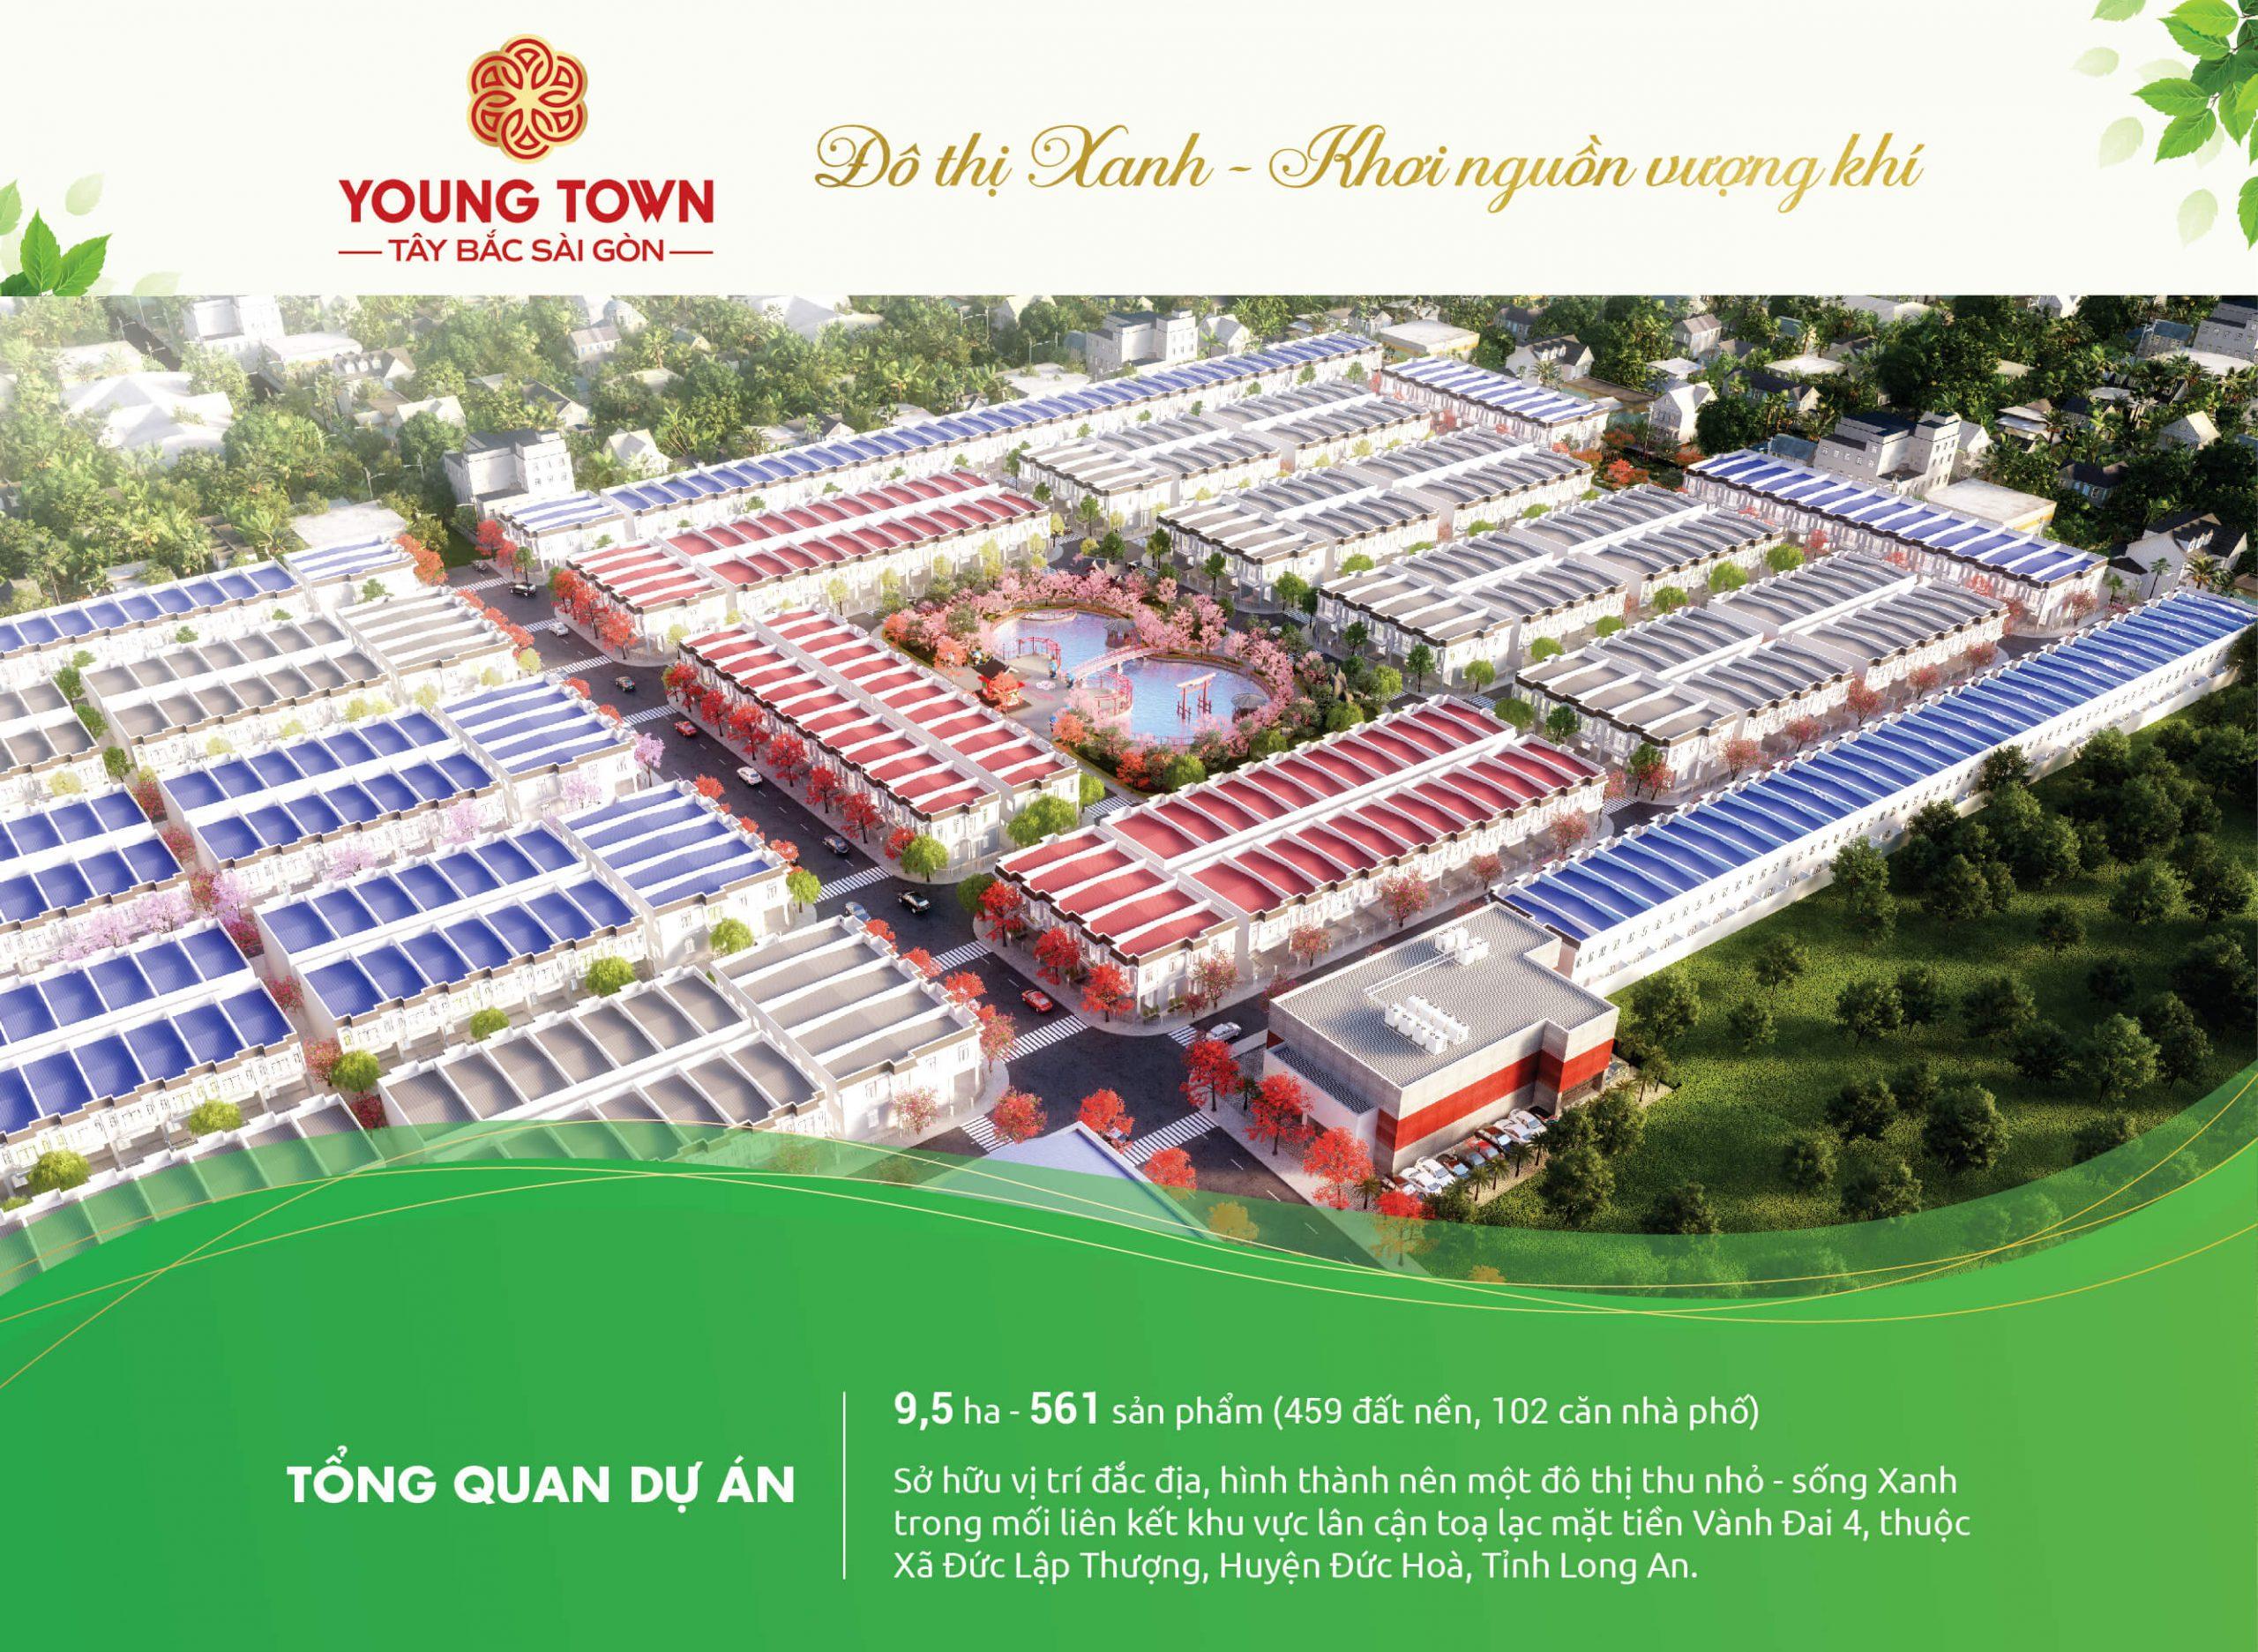 TỔNG QUAN DỰ ÁN YOUNG TOWN